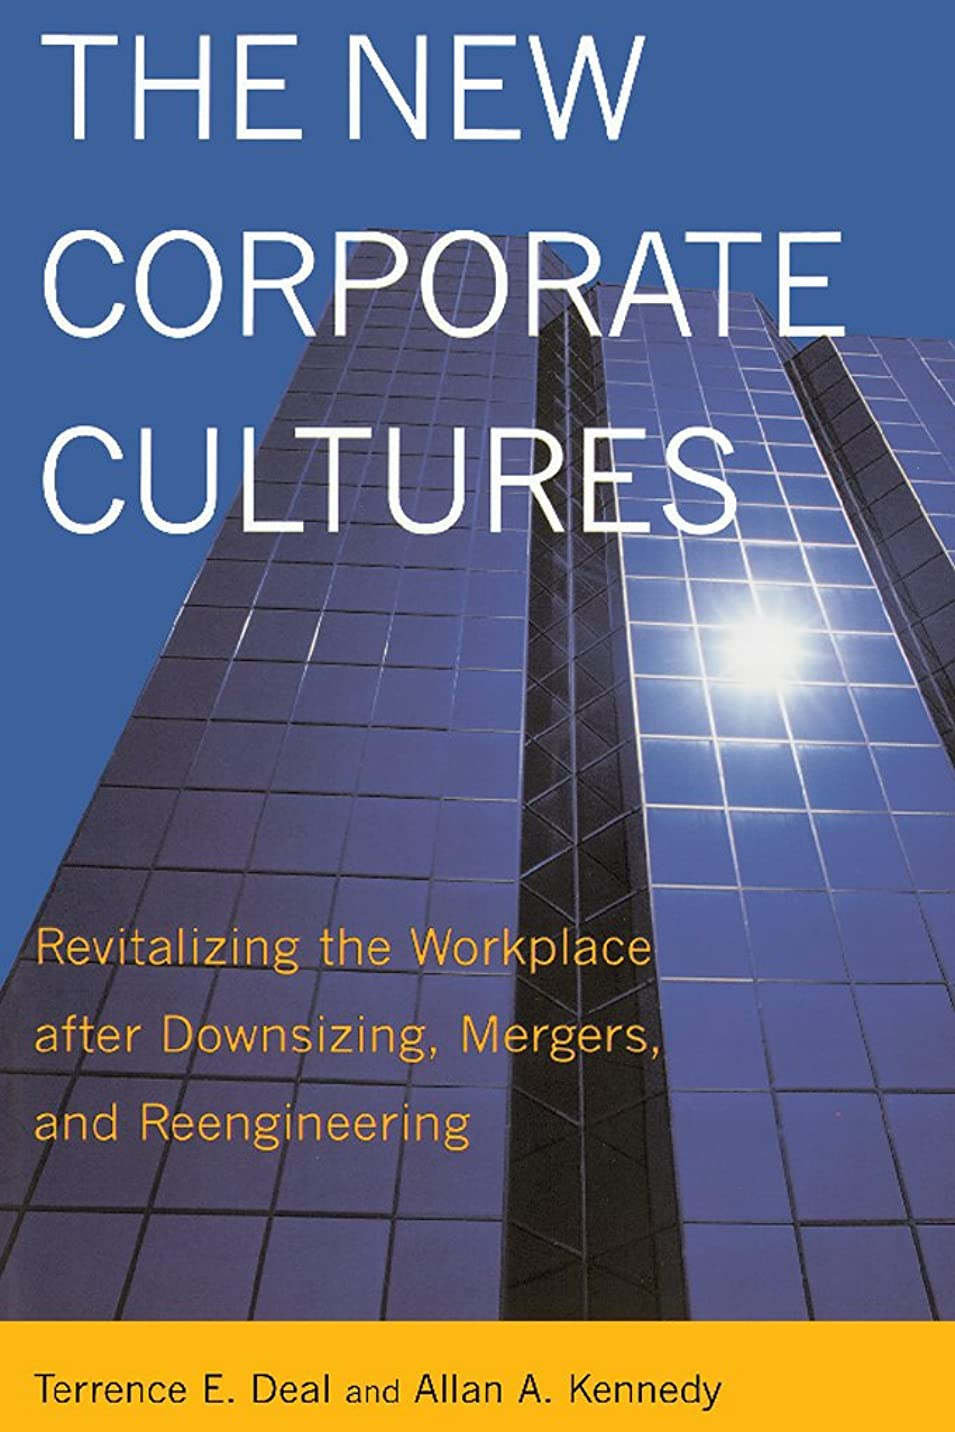 ホップアナログ味わうThe New Corporate Cultures: Revitalizing The Workplace After Downsizing, Mergers, And Reengineering (English Edition)